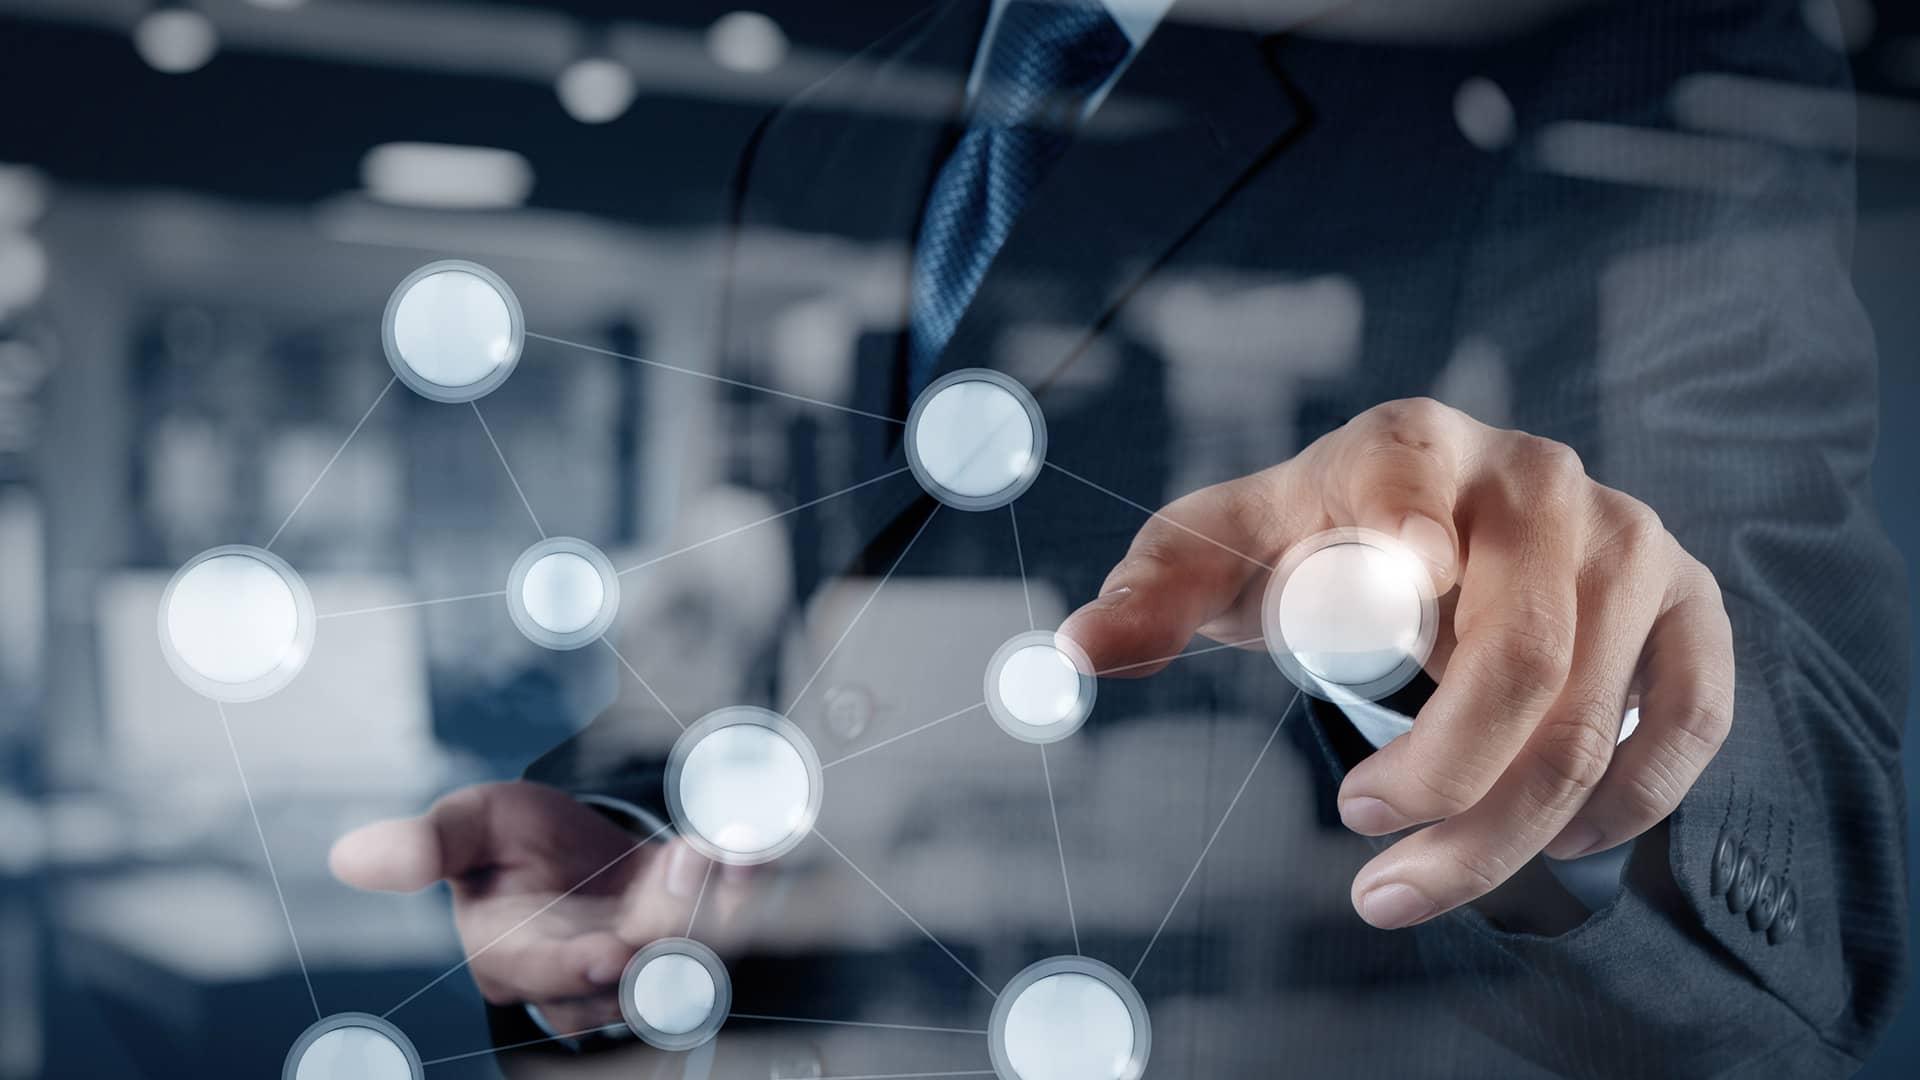 Dlaczego firmowa strona internetowa jest bardzo ważna?